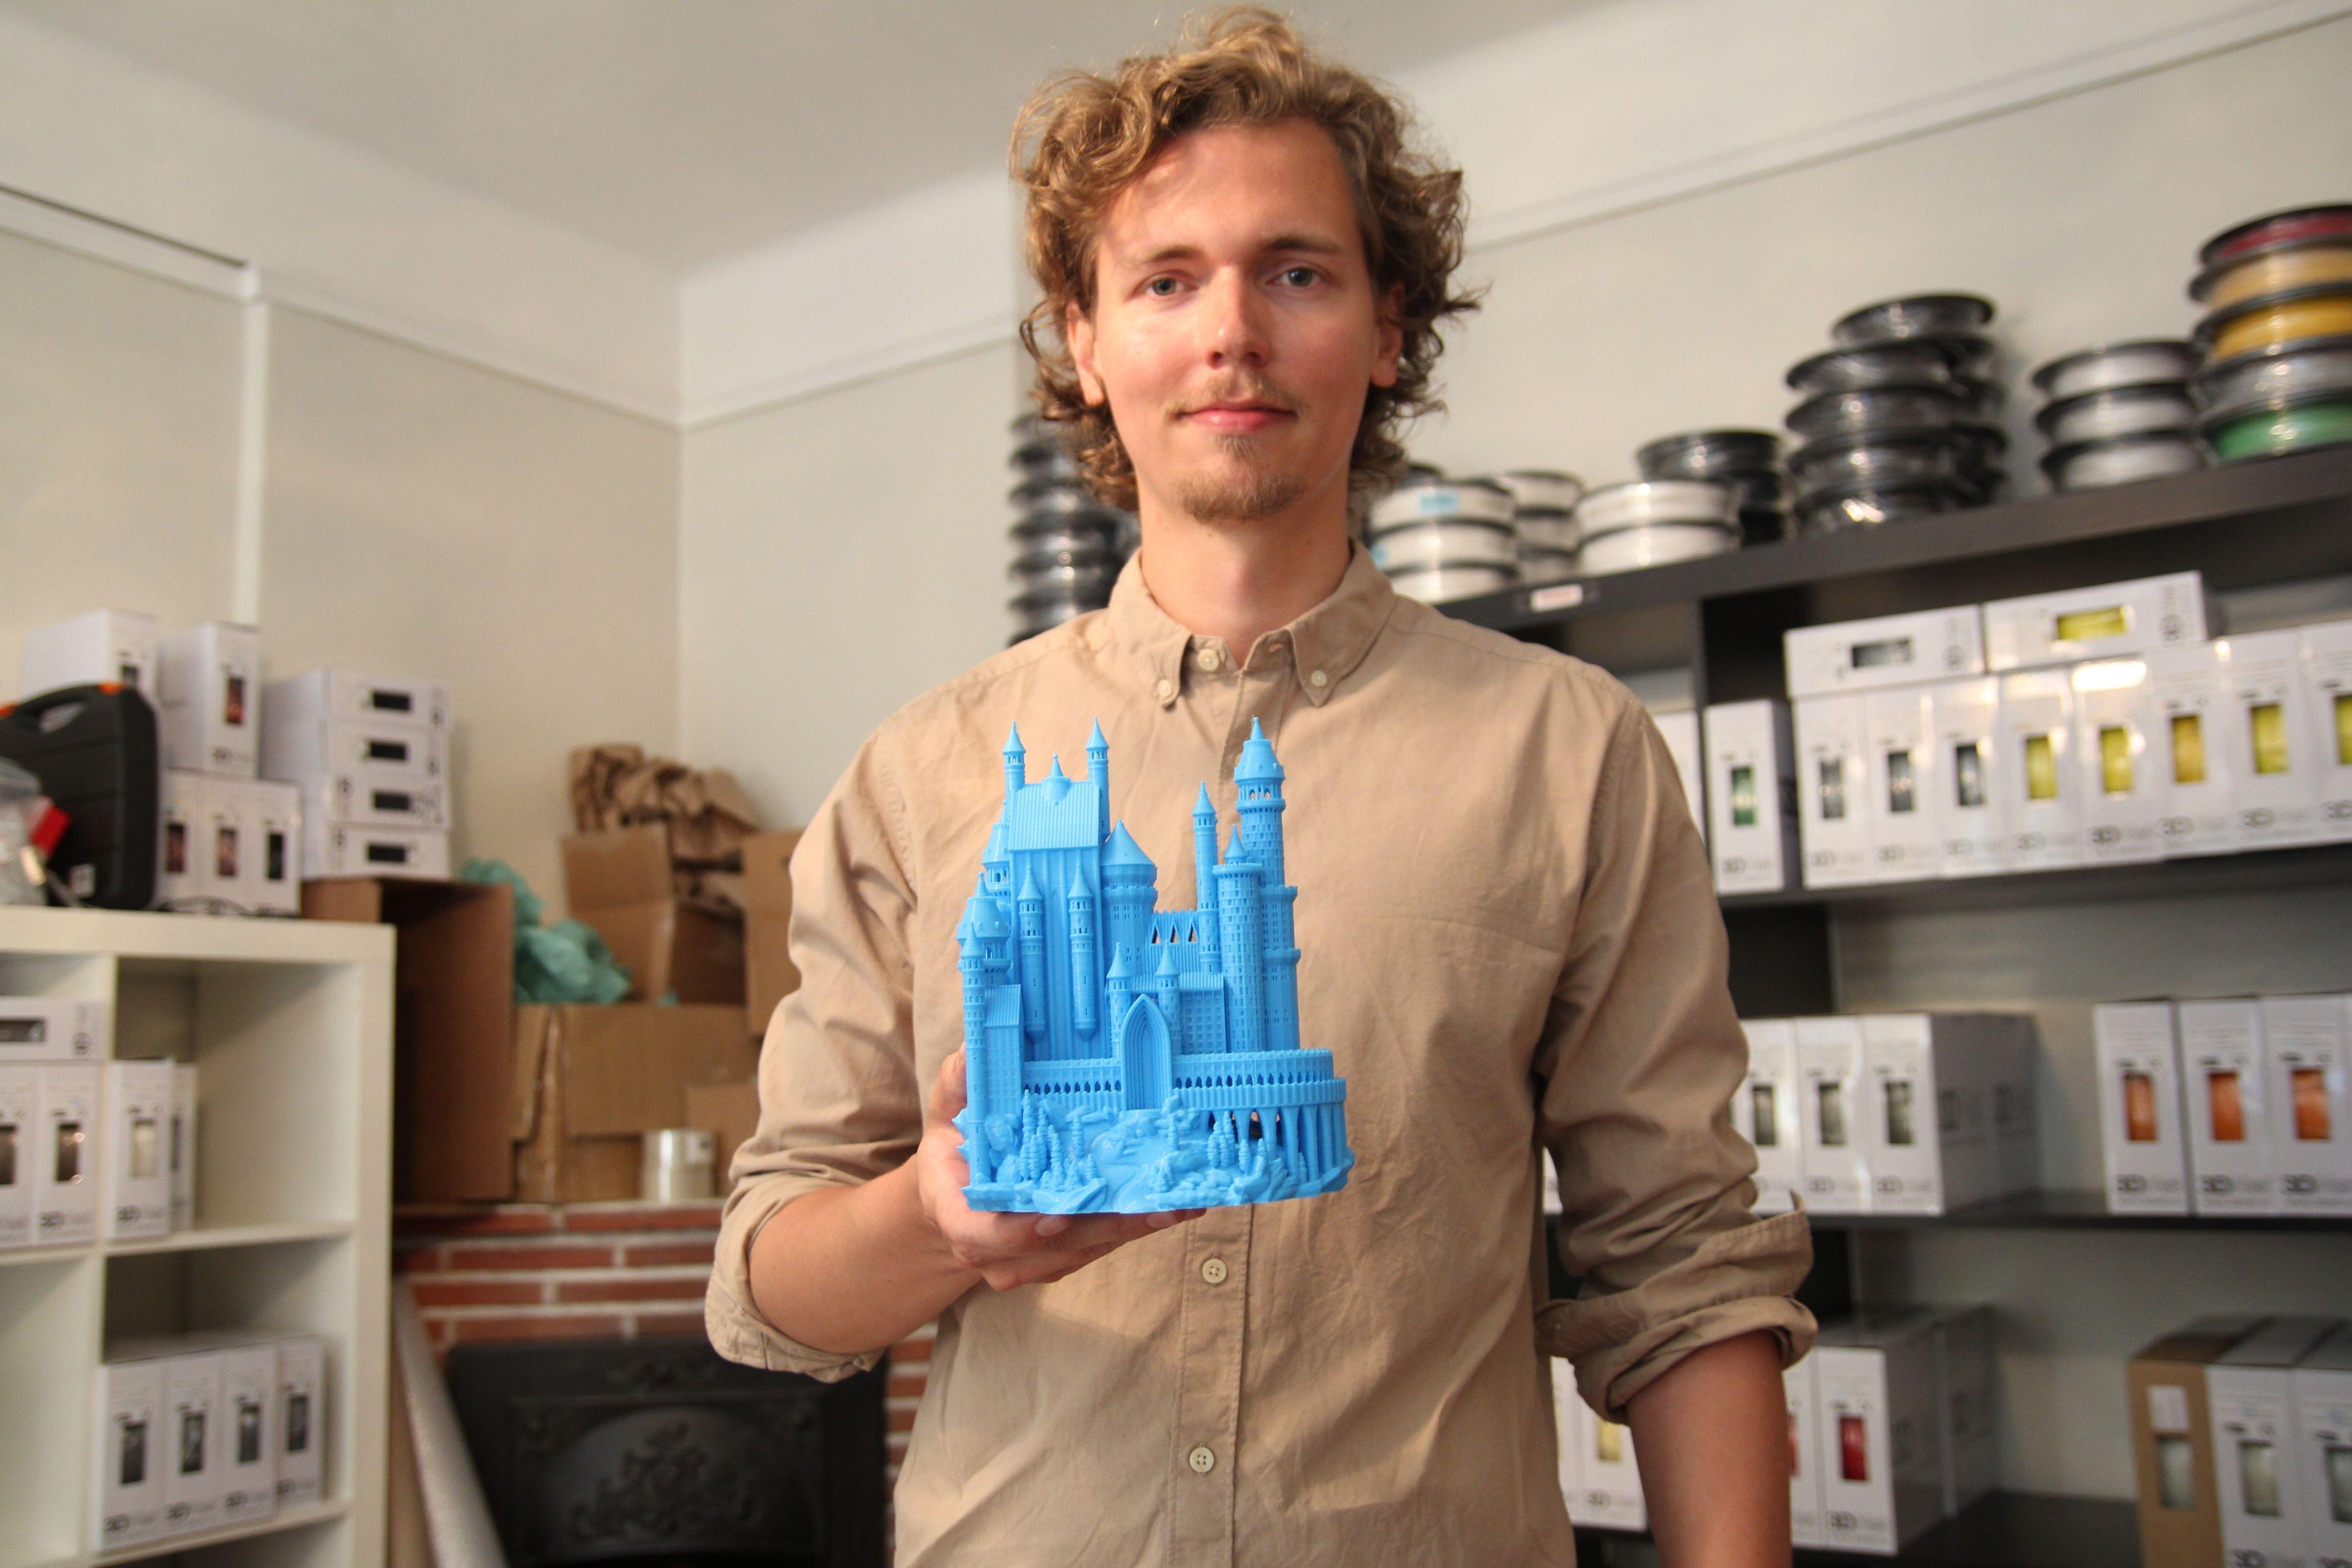 Martin Rygh viser frem et 3D-printet slott som pleier å vekke stor oppmerksomhet hos publikum når de er ute og promoterer 3D-printing.